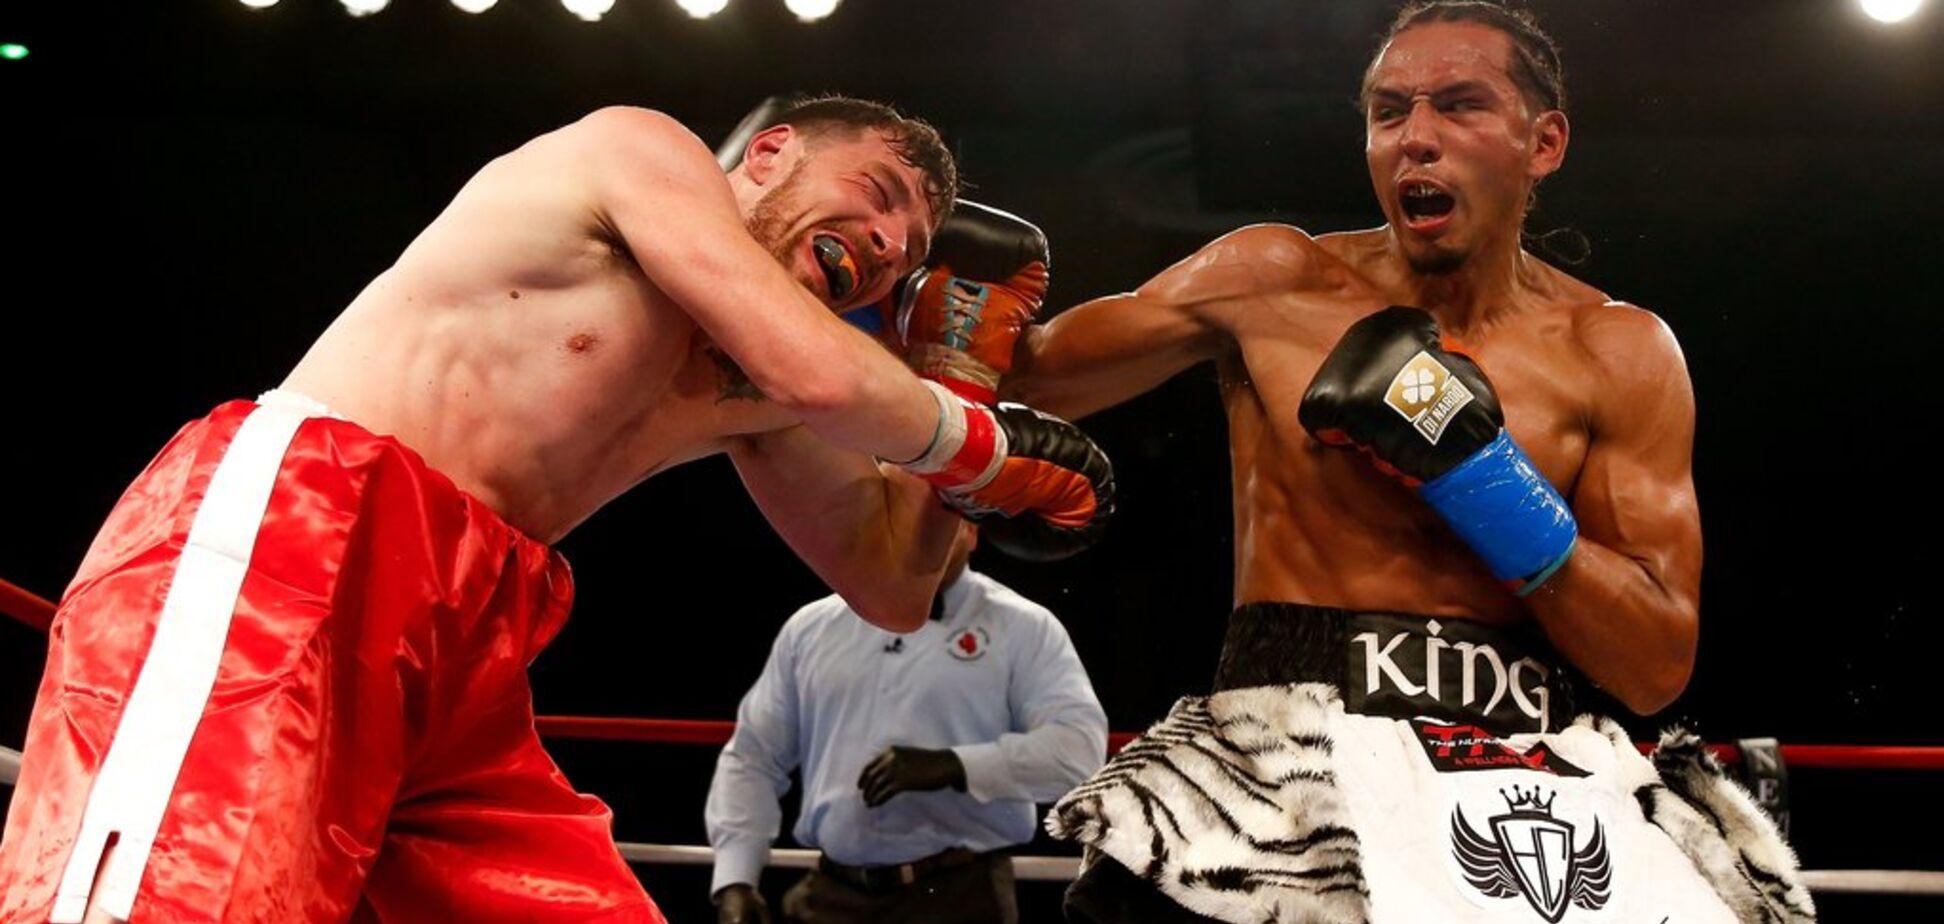 Чемпион WBC 'нежным касанием' отправил соперника в нокаут